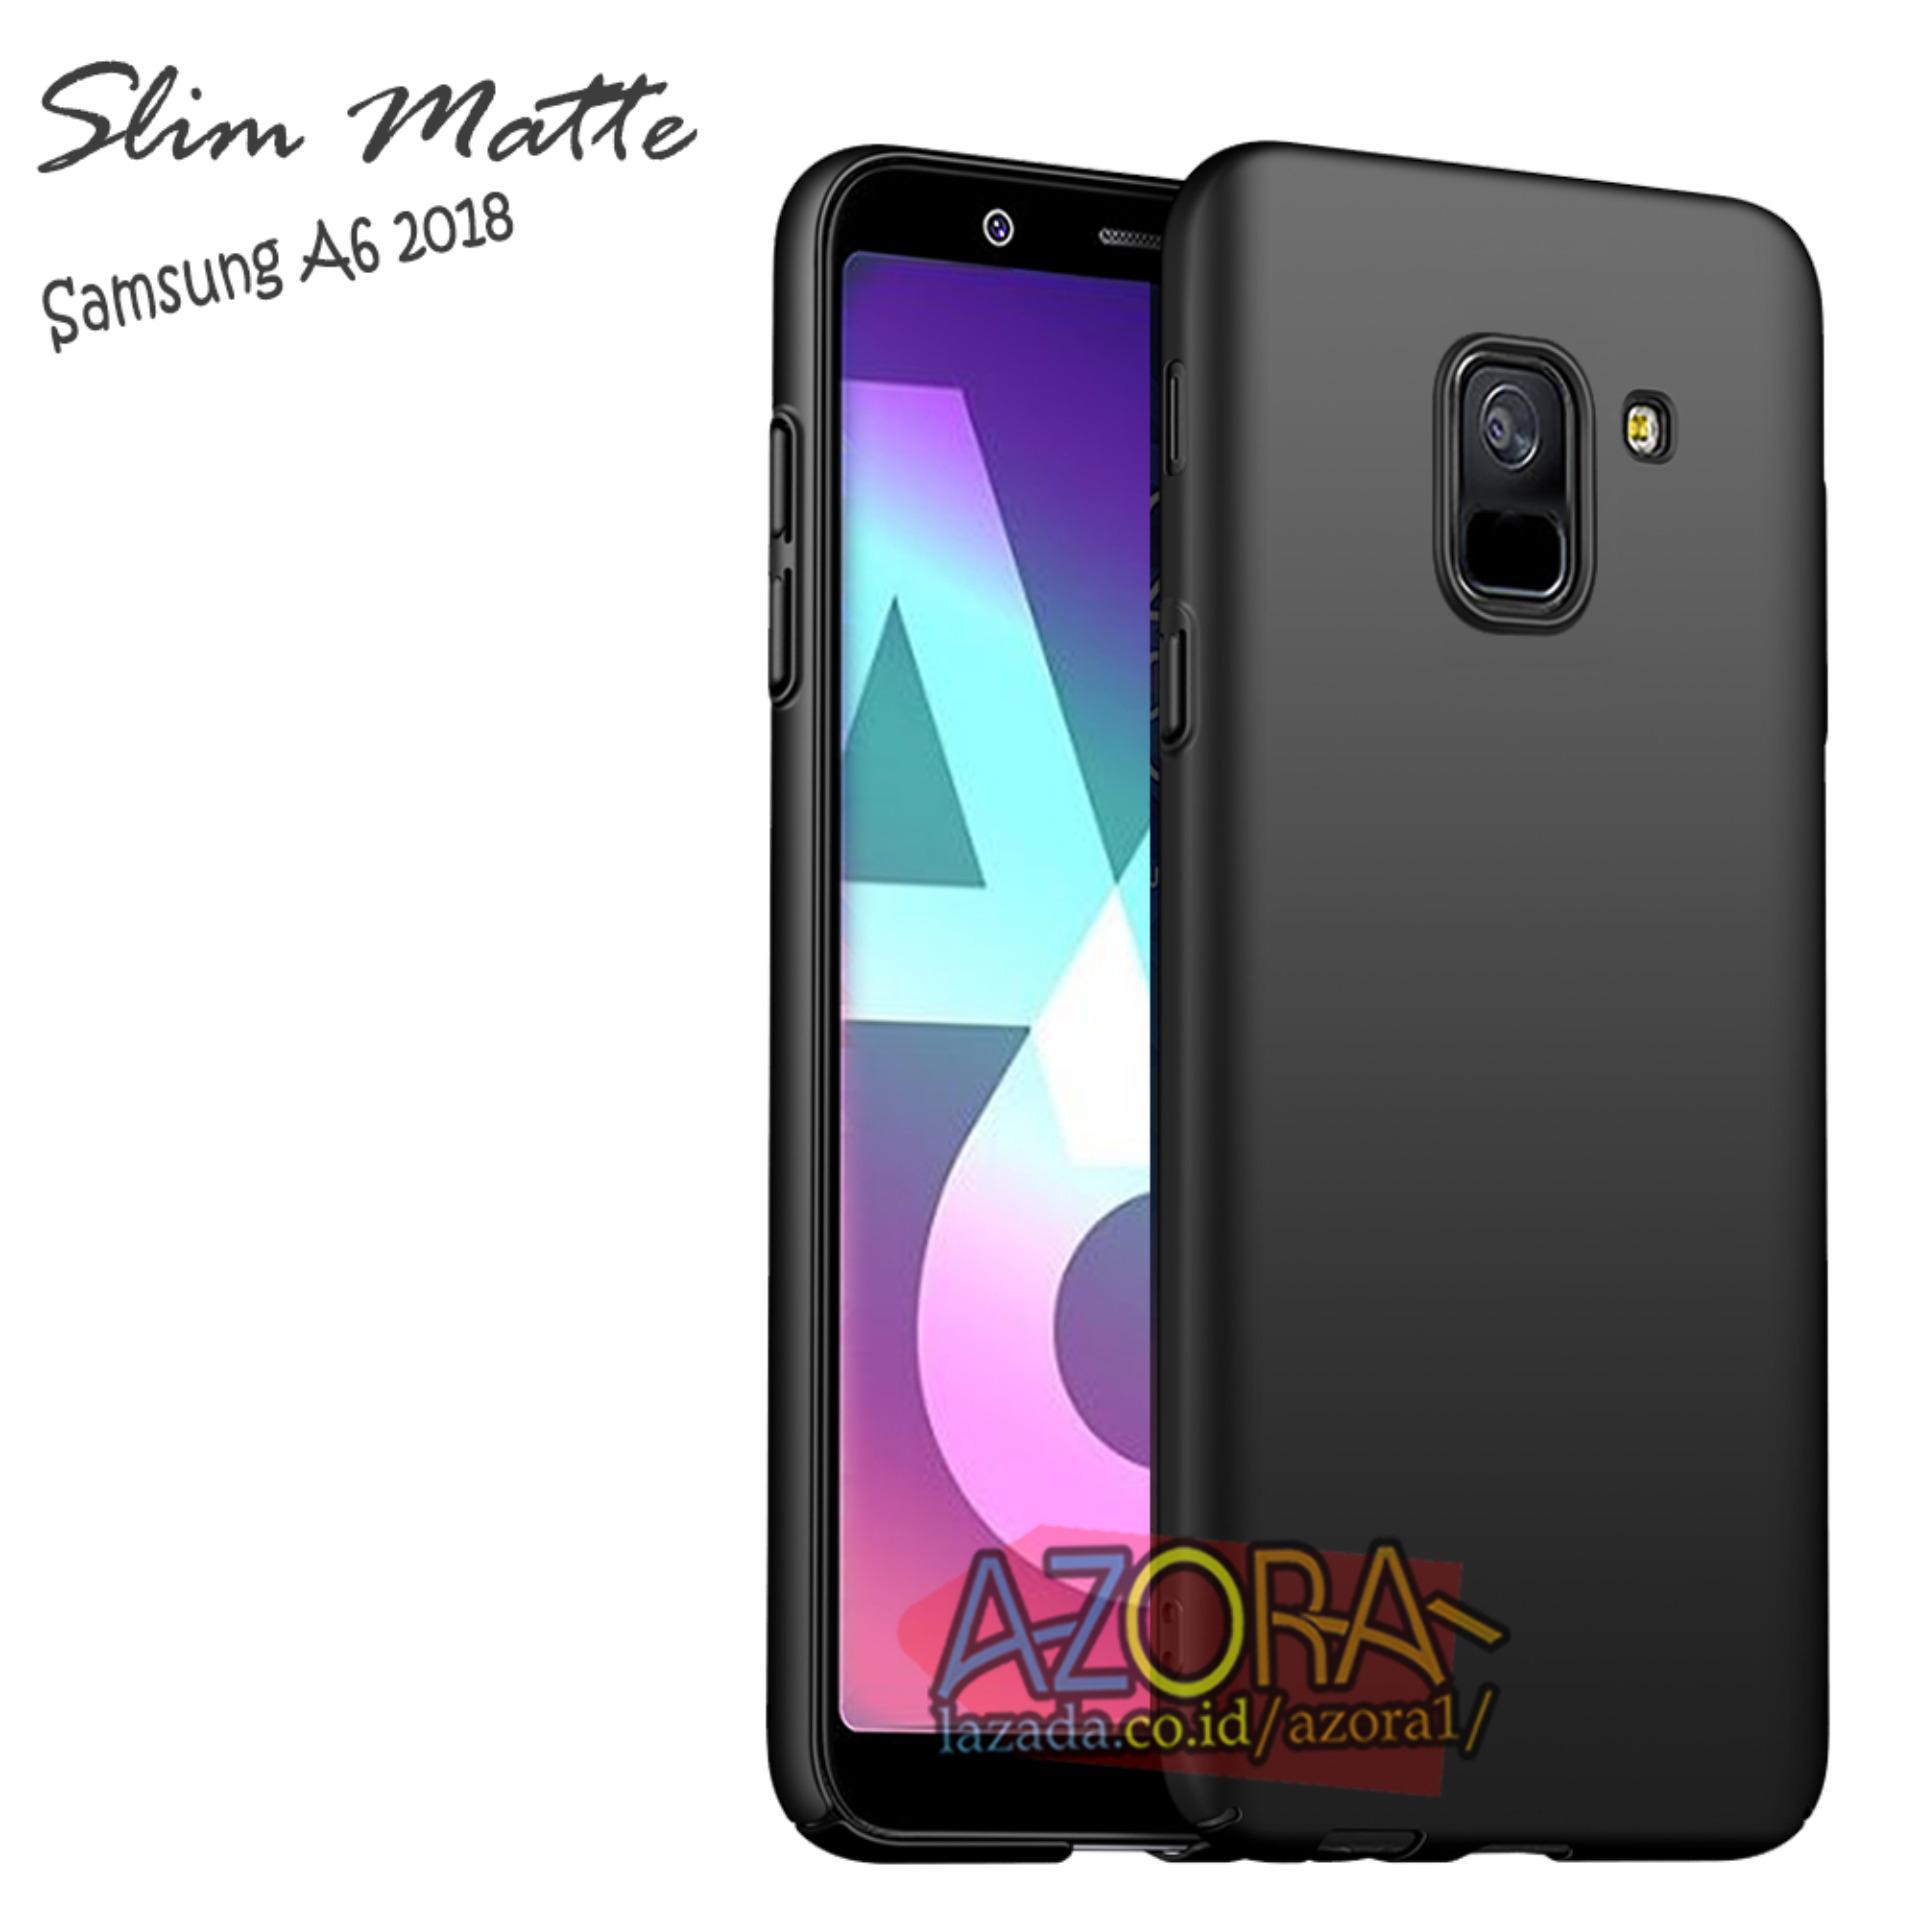 Fitur Case Slim Black Matte Samsung Galaxy A6 2018 Baby Skin